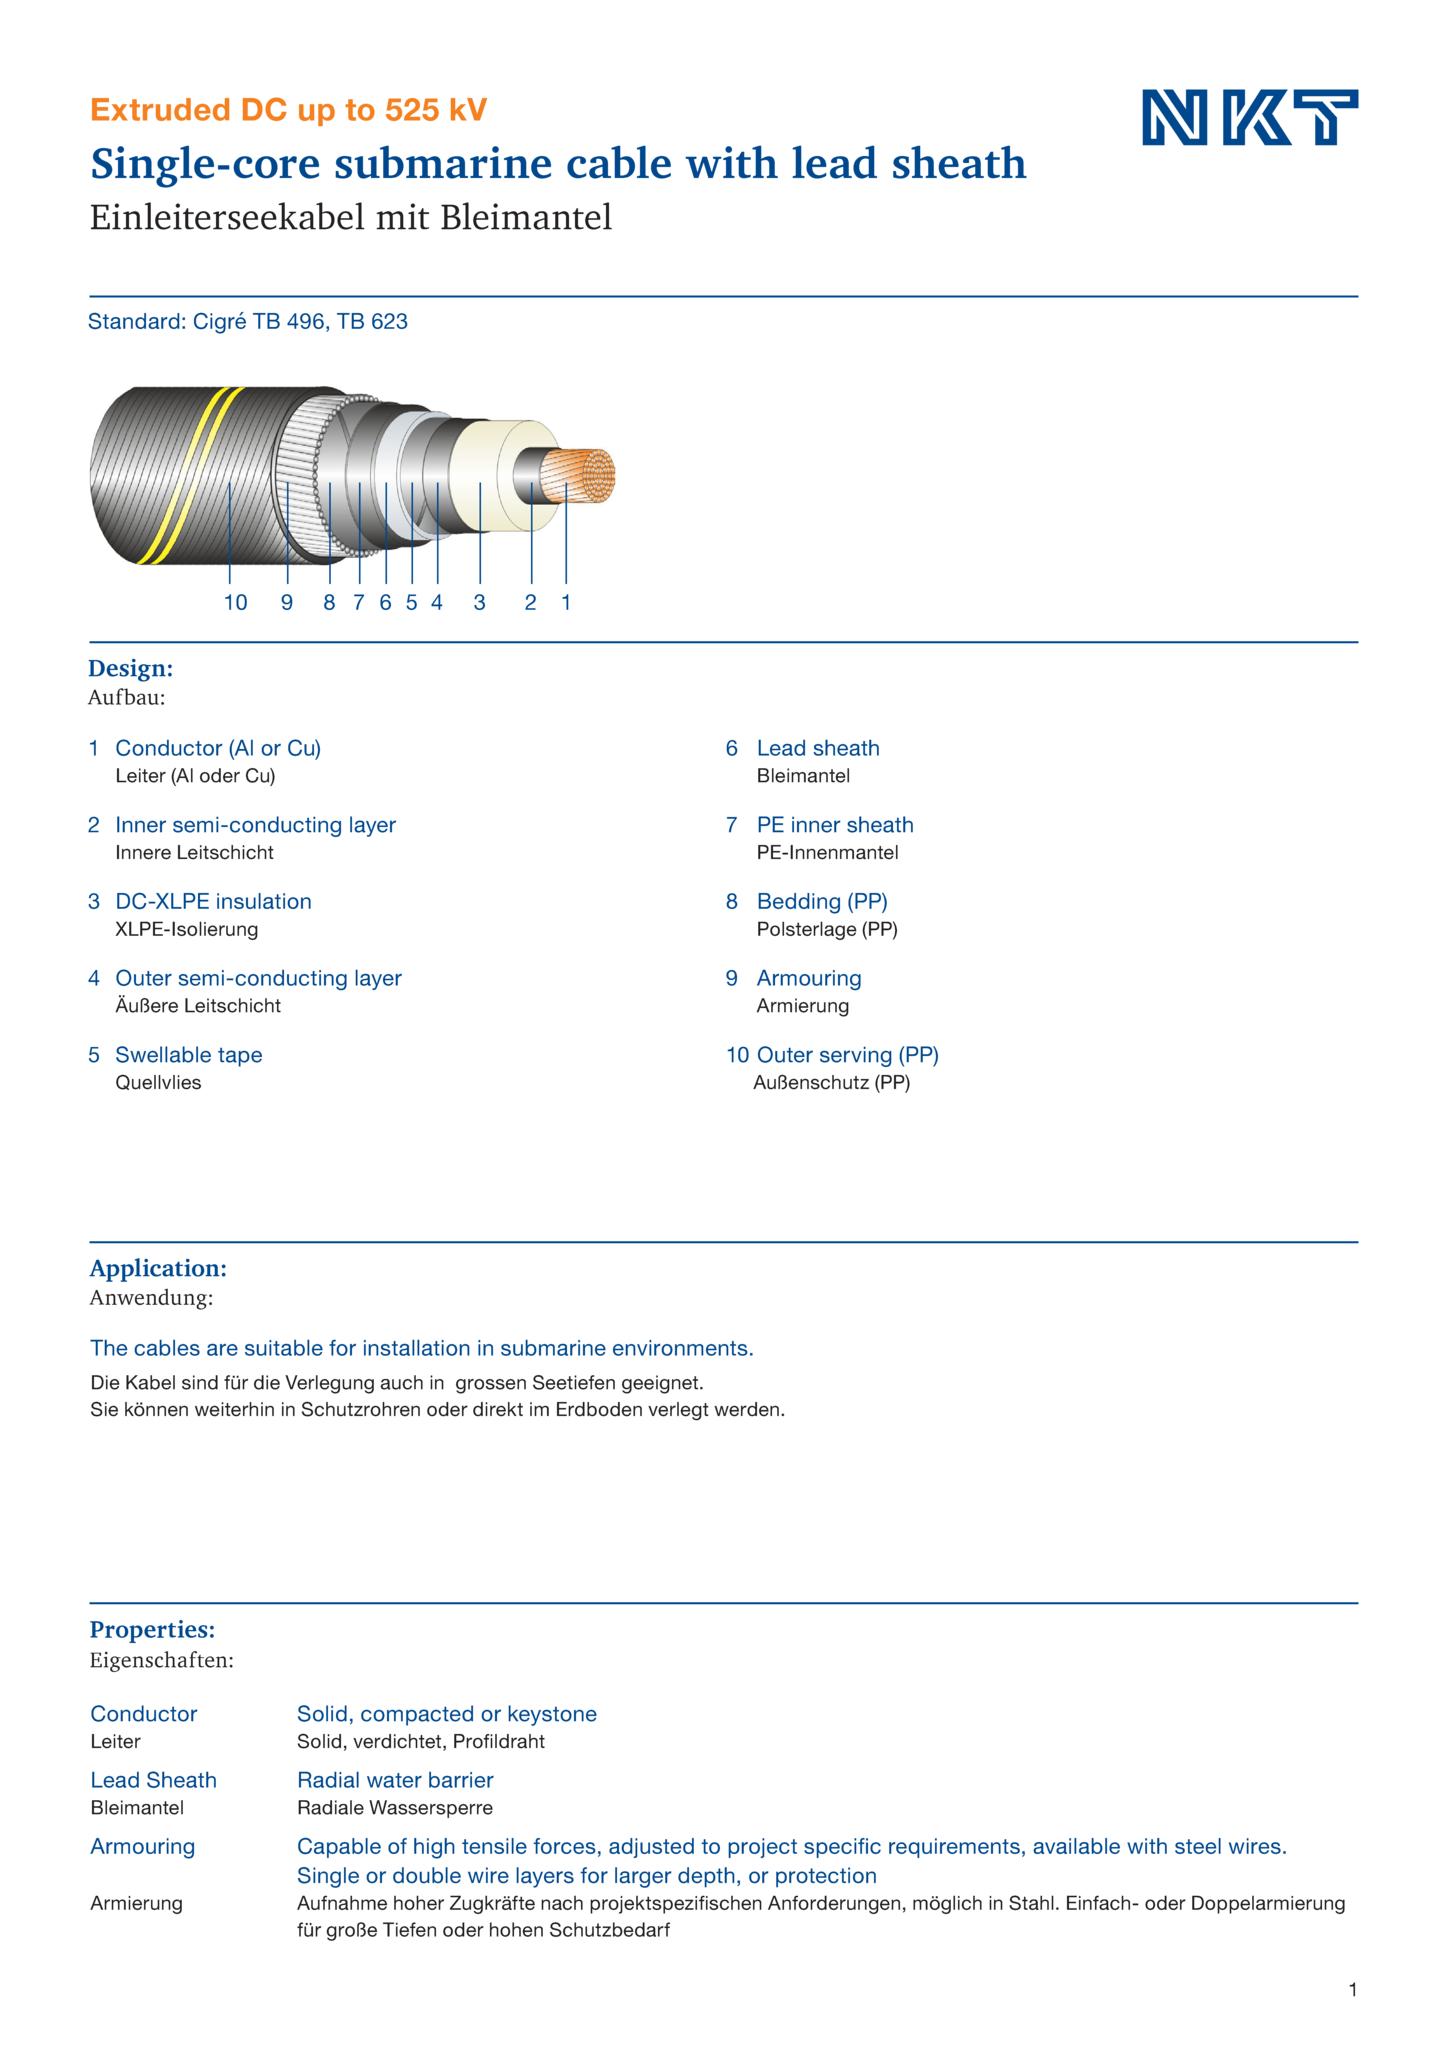 Extruded_DC_525kV_DS_EN_DE.pdf